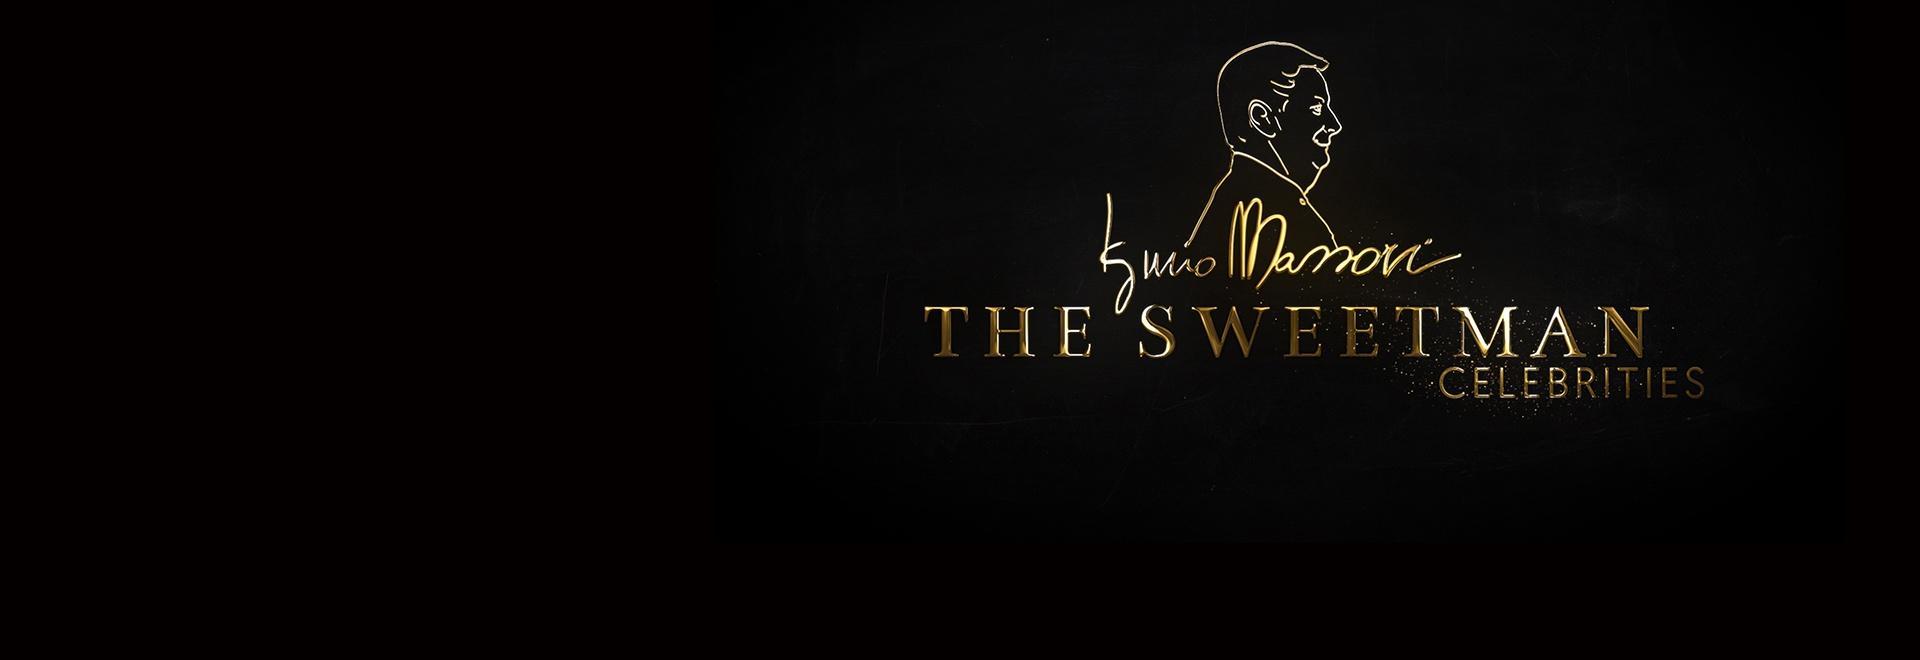 Iginio Massari - The Sweetman Celebrities